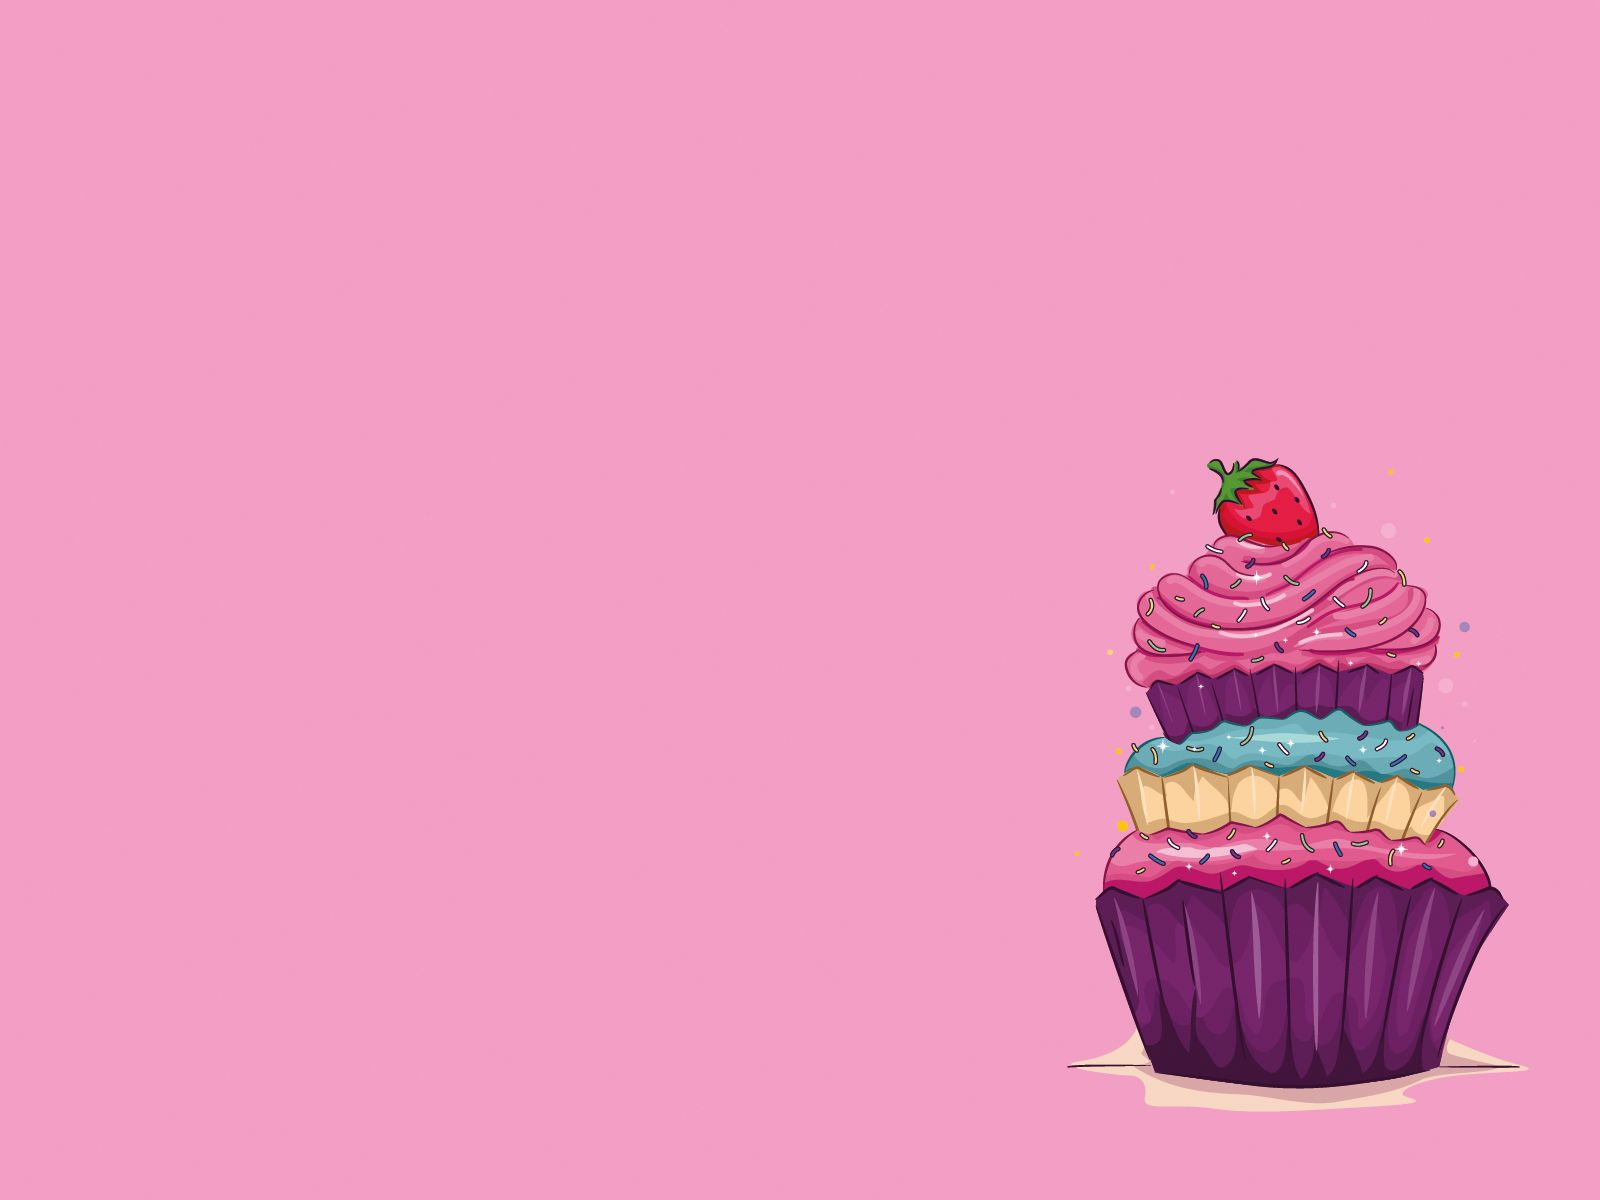 С днем рождения картинка минимализм